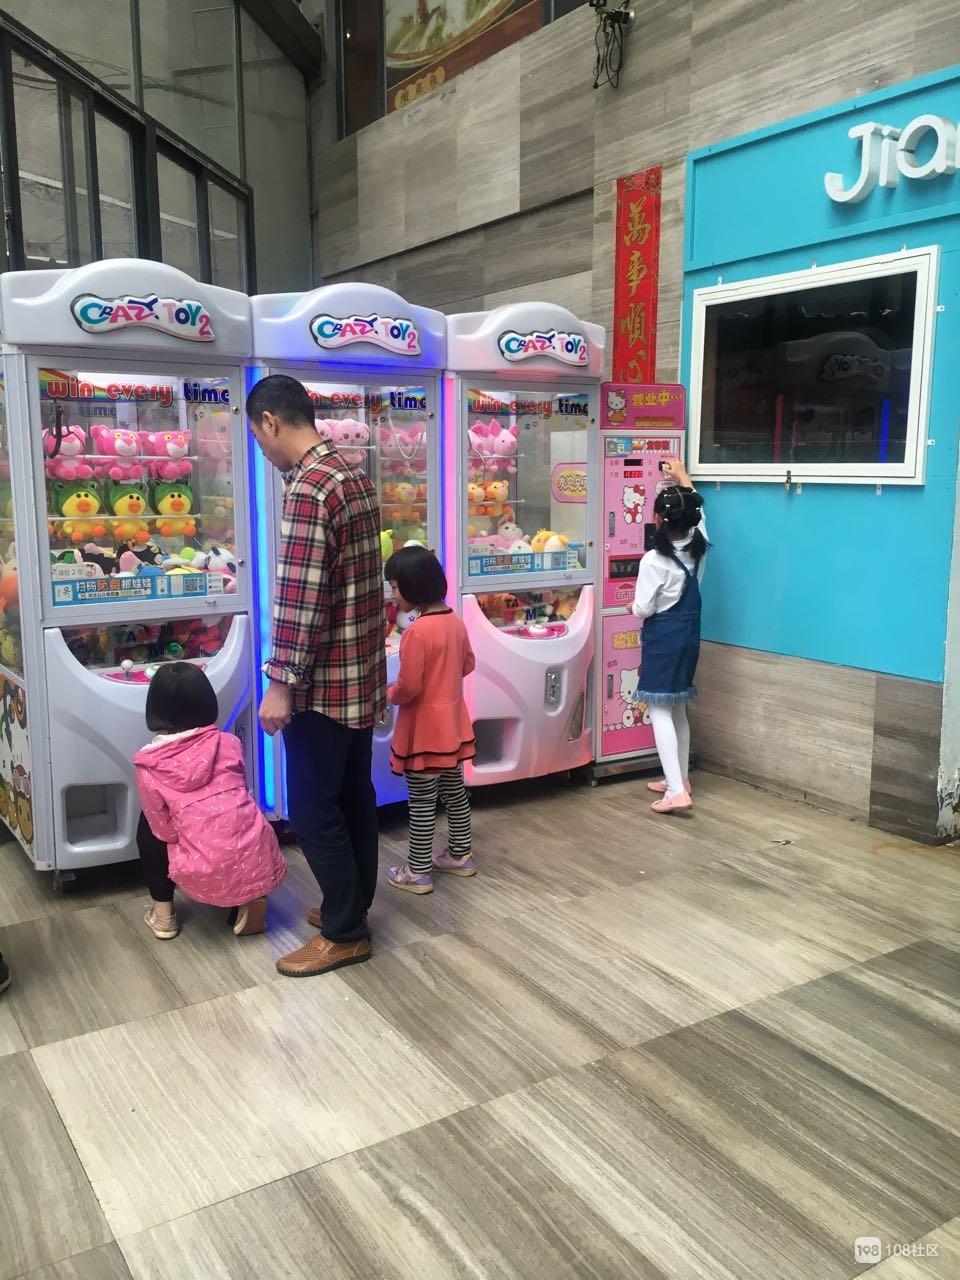 想带孩子抓娃娃的小心了!三元路这家店坑了我两回